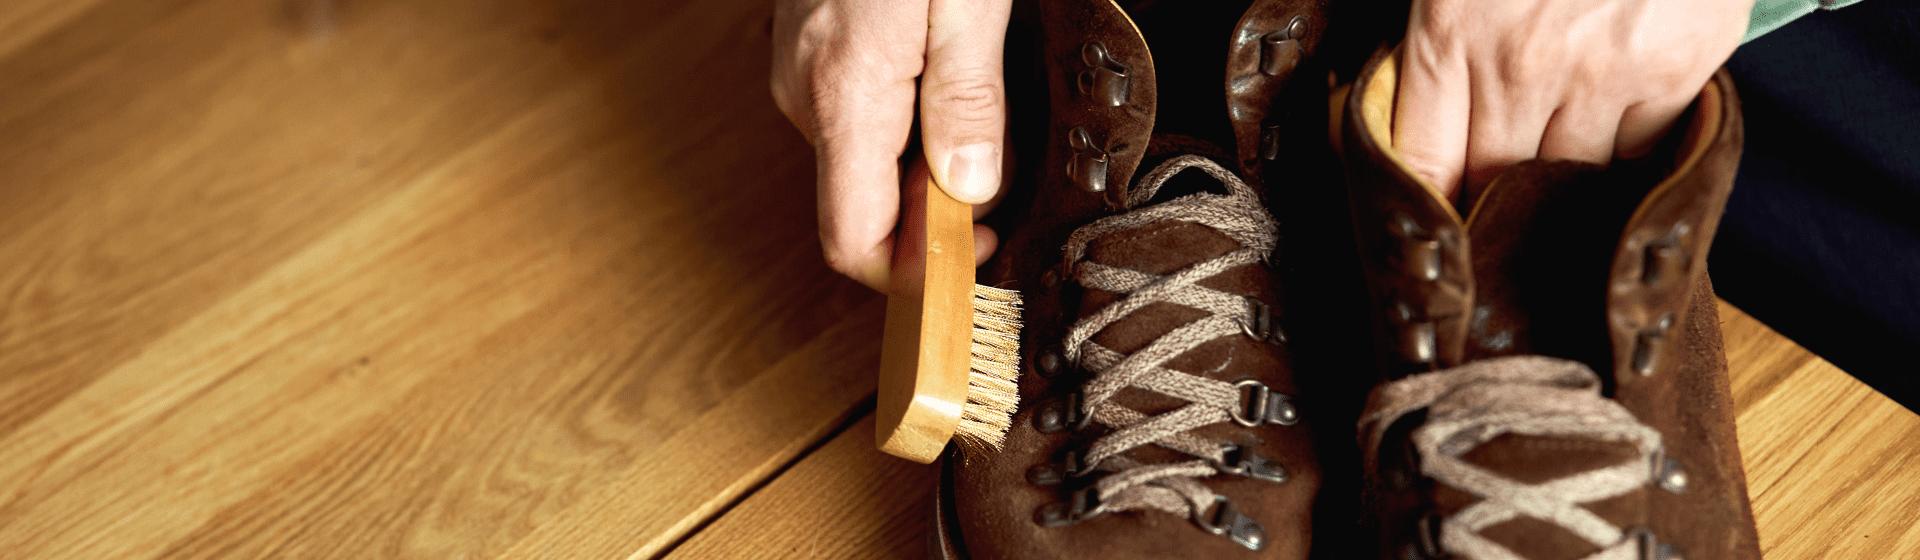 Como limpar tênis de camurça